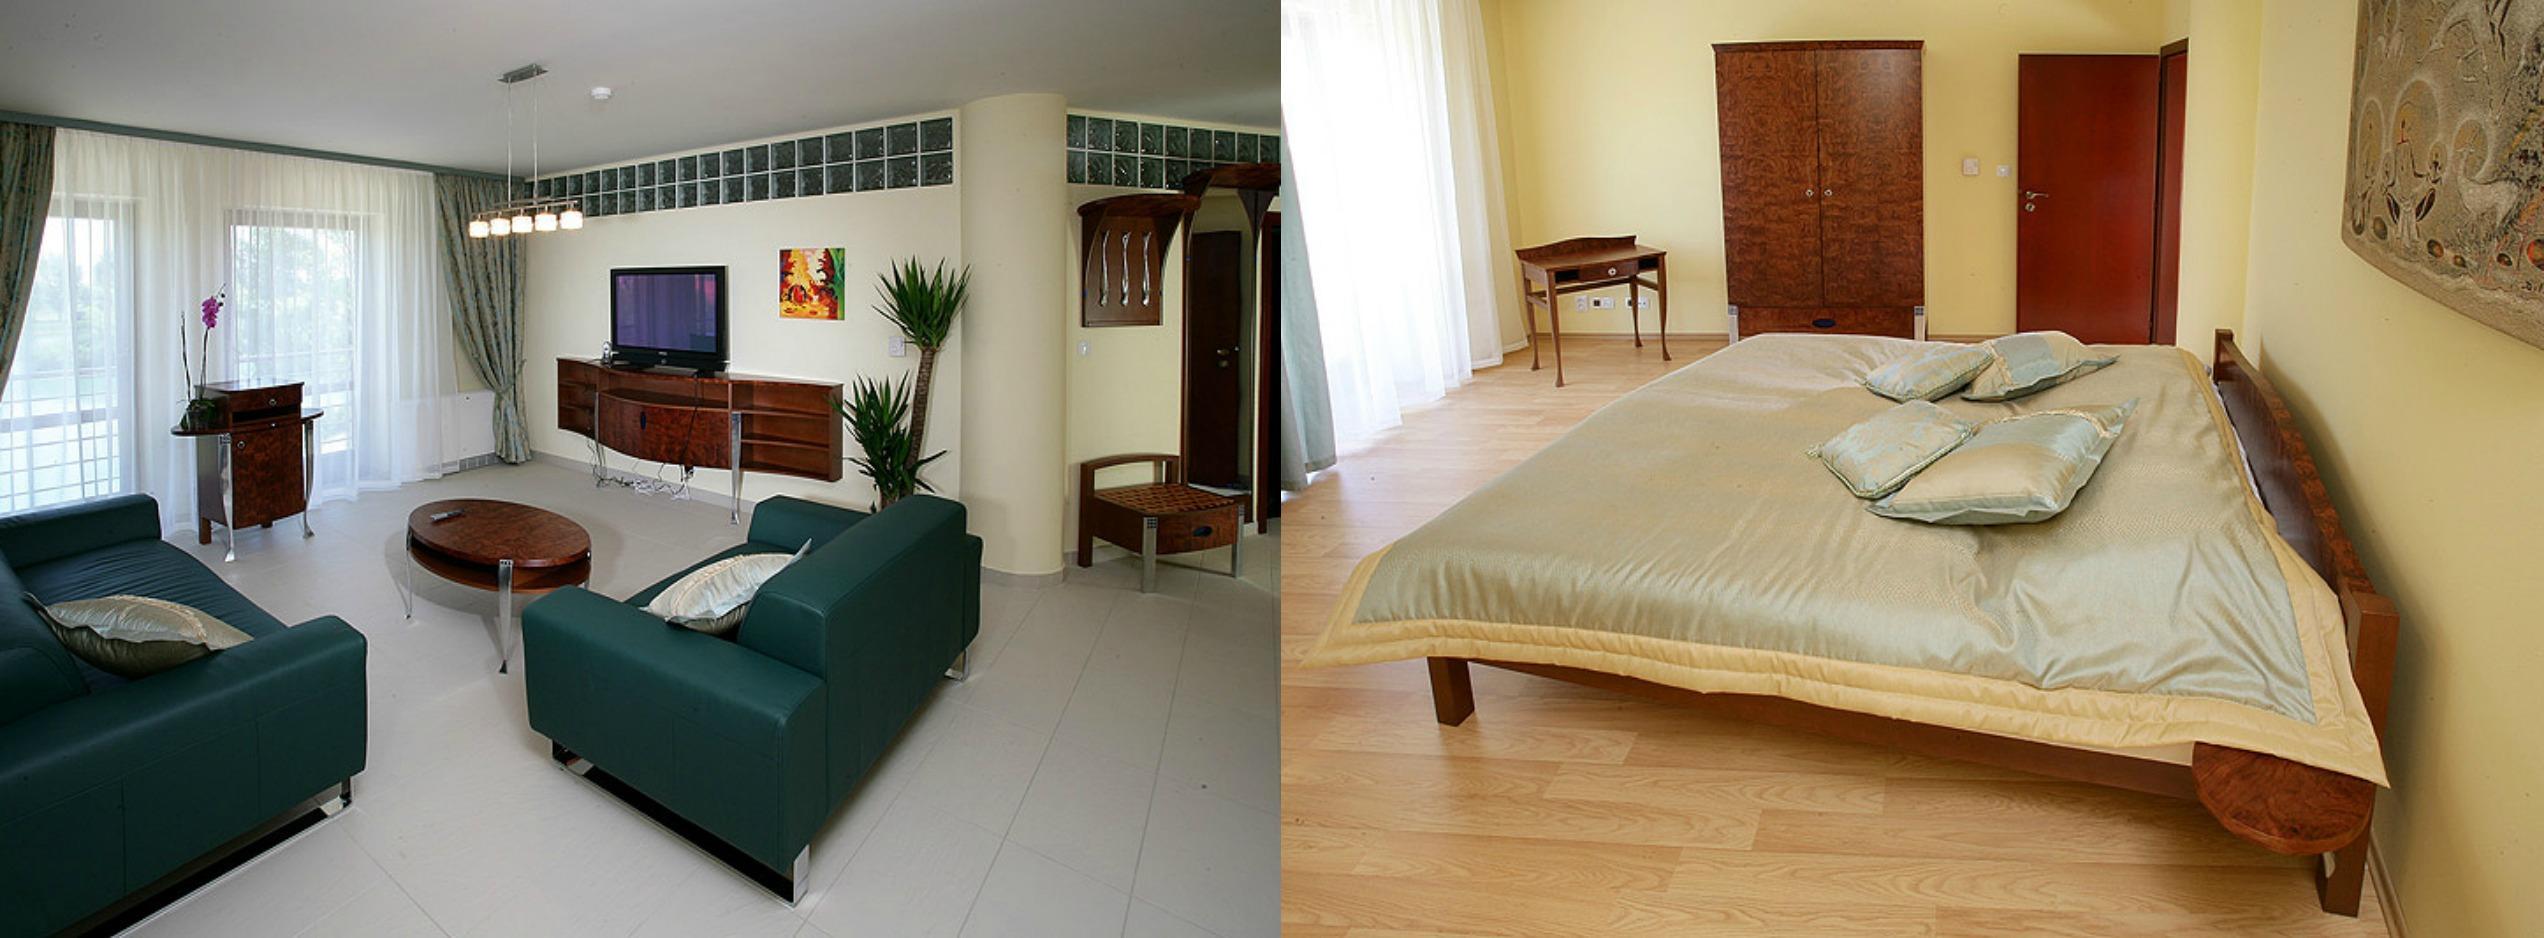 luxusné ubytovanie